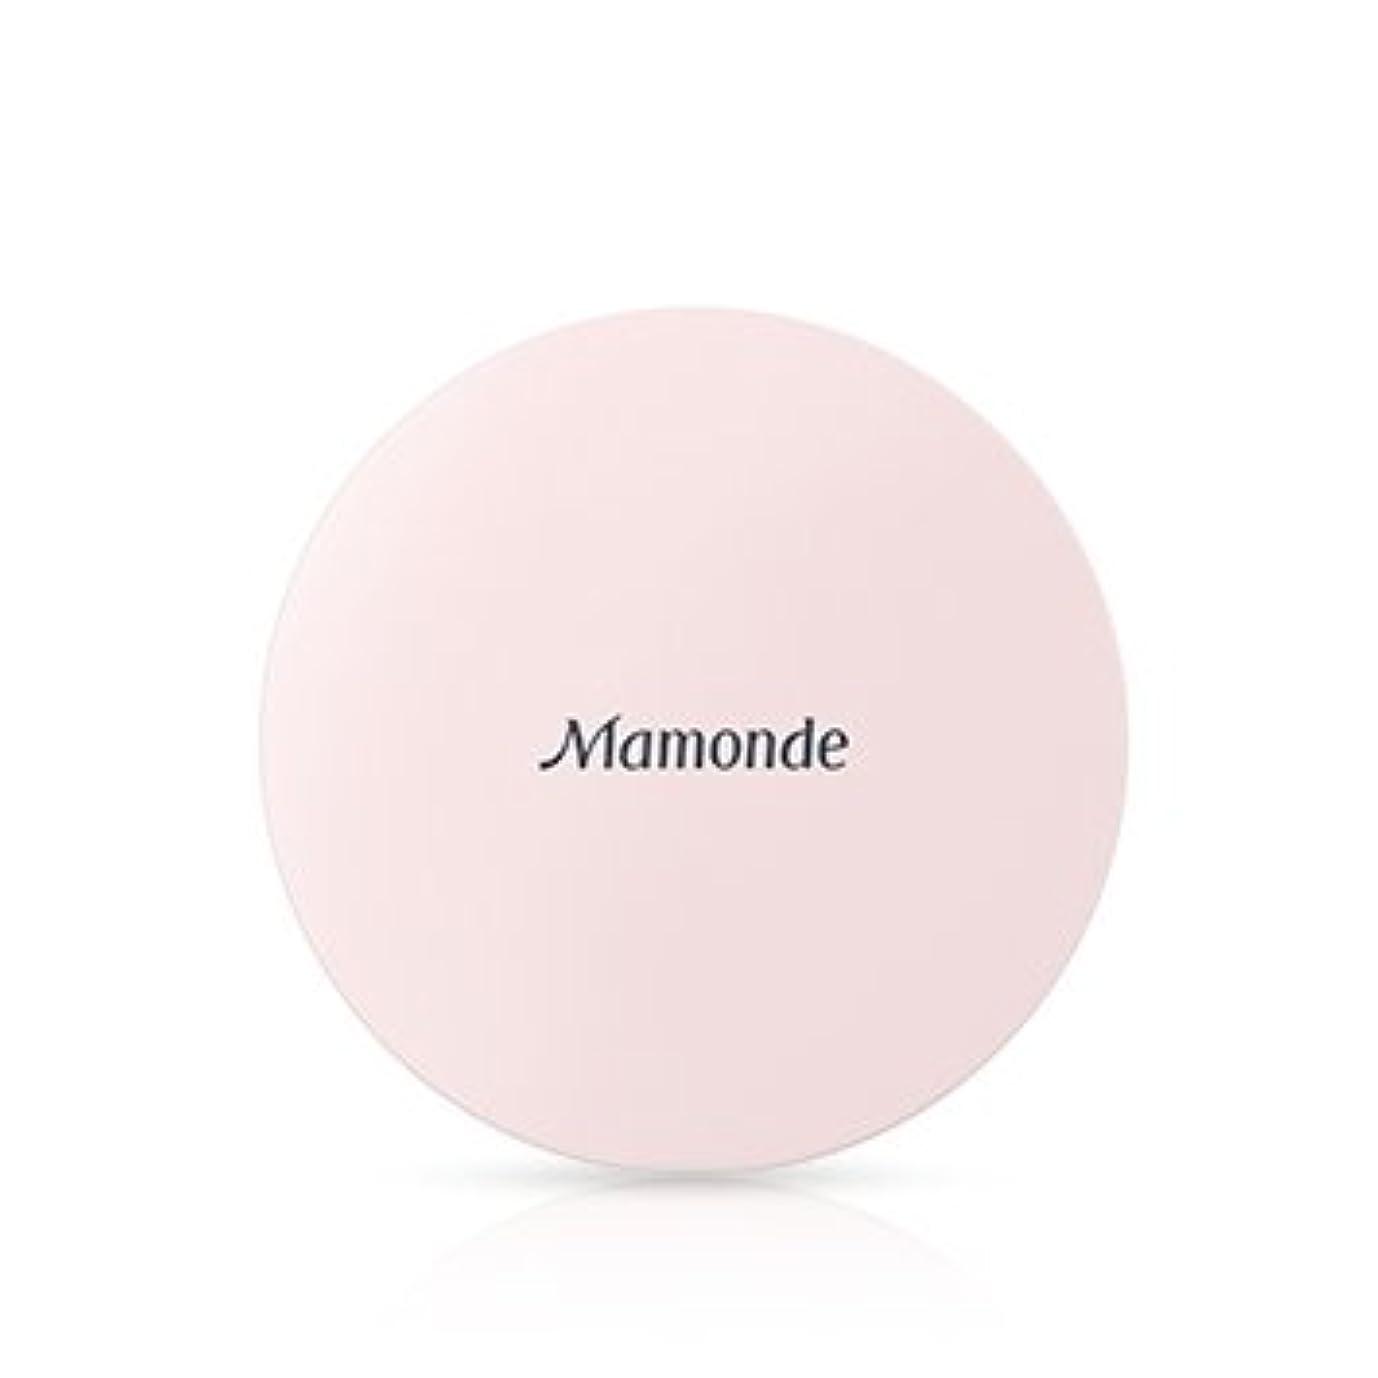 ずんぐりした繁殖修理可能[New] Mamonde High Cover Liquid Cushion 15g/マモンド ハイ カバー リキッド クッション 15g (#17 Cover Porcelain) [並行輸入品]